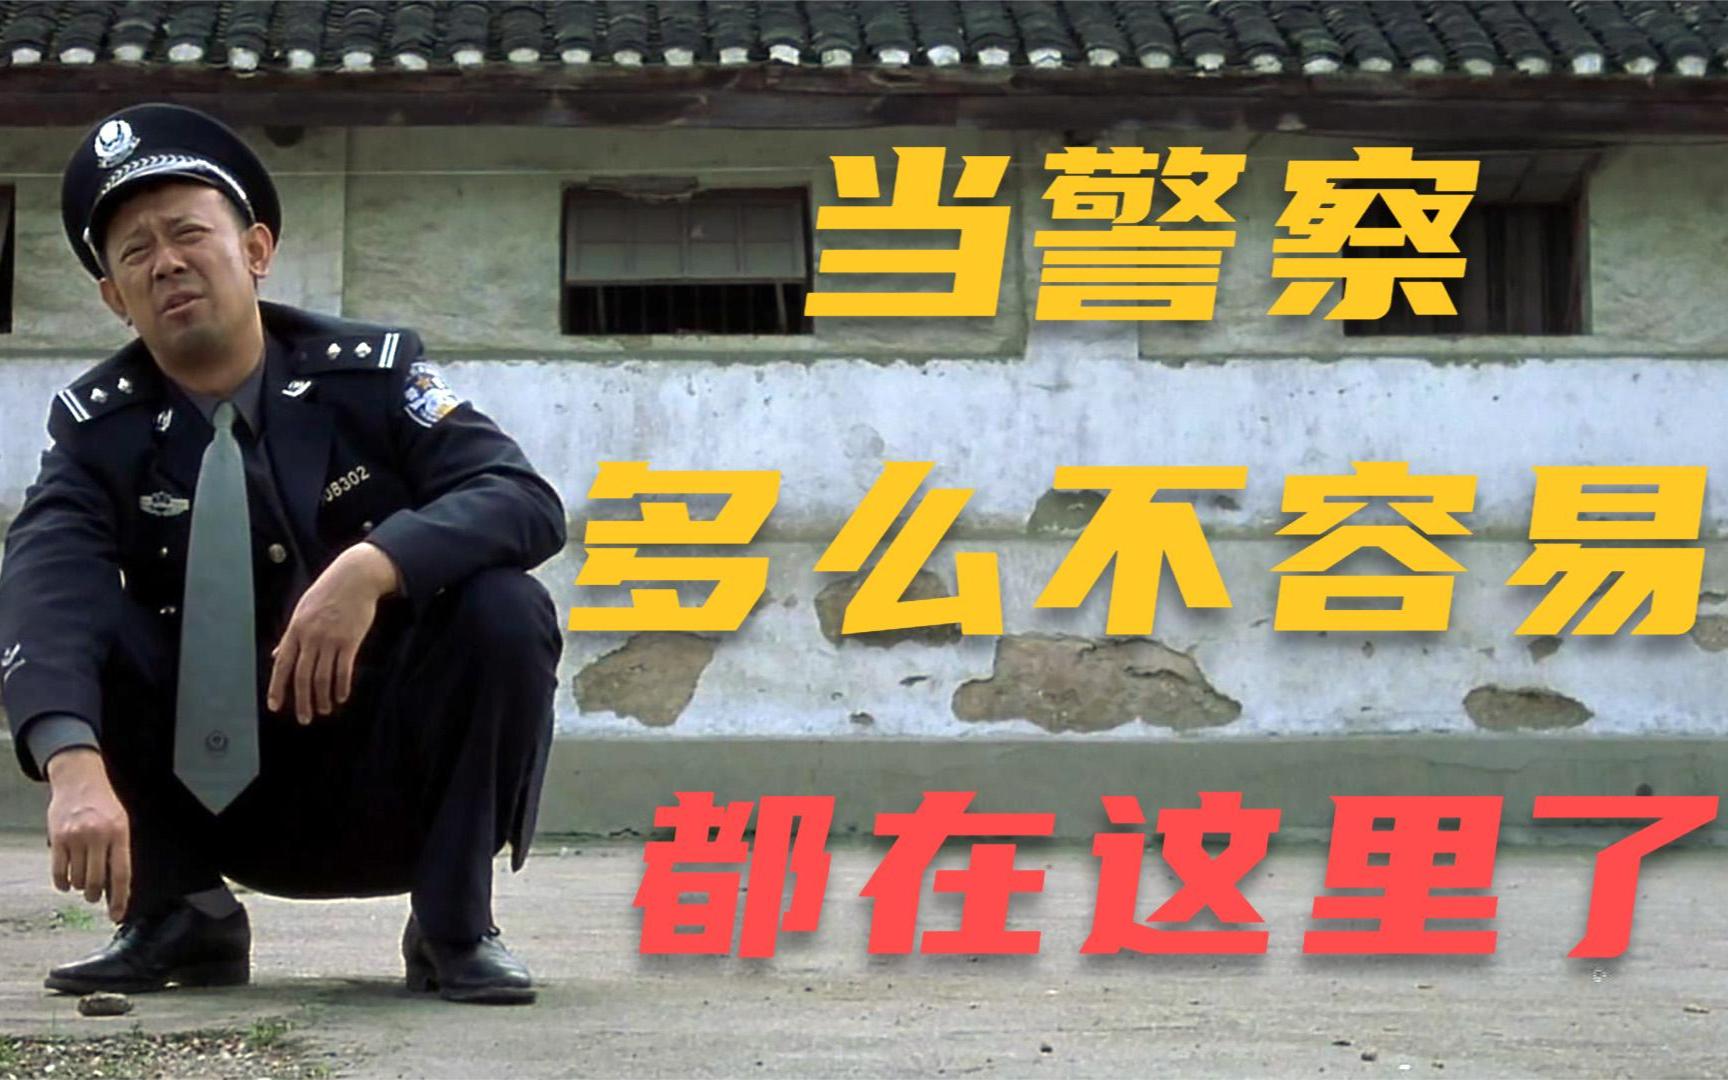 警察不小心丢了配枪,谁想直接展示了全城的人间百态。姜文电影